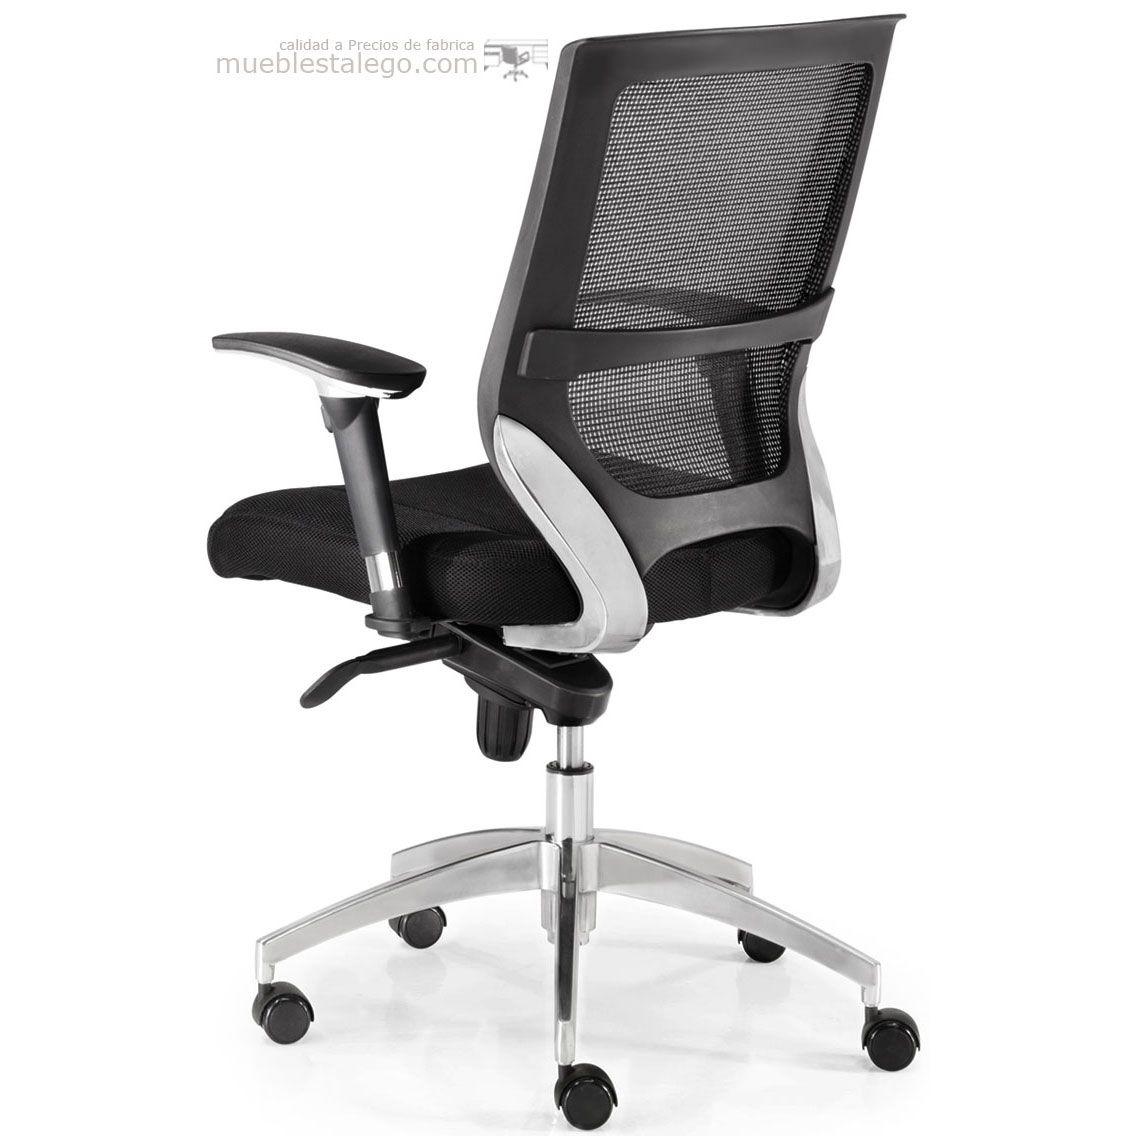 Sillón de oficina con diseño EUR-Maltata